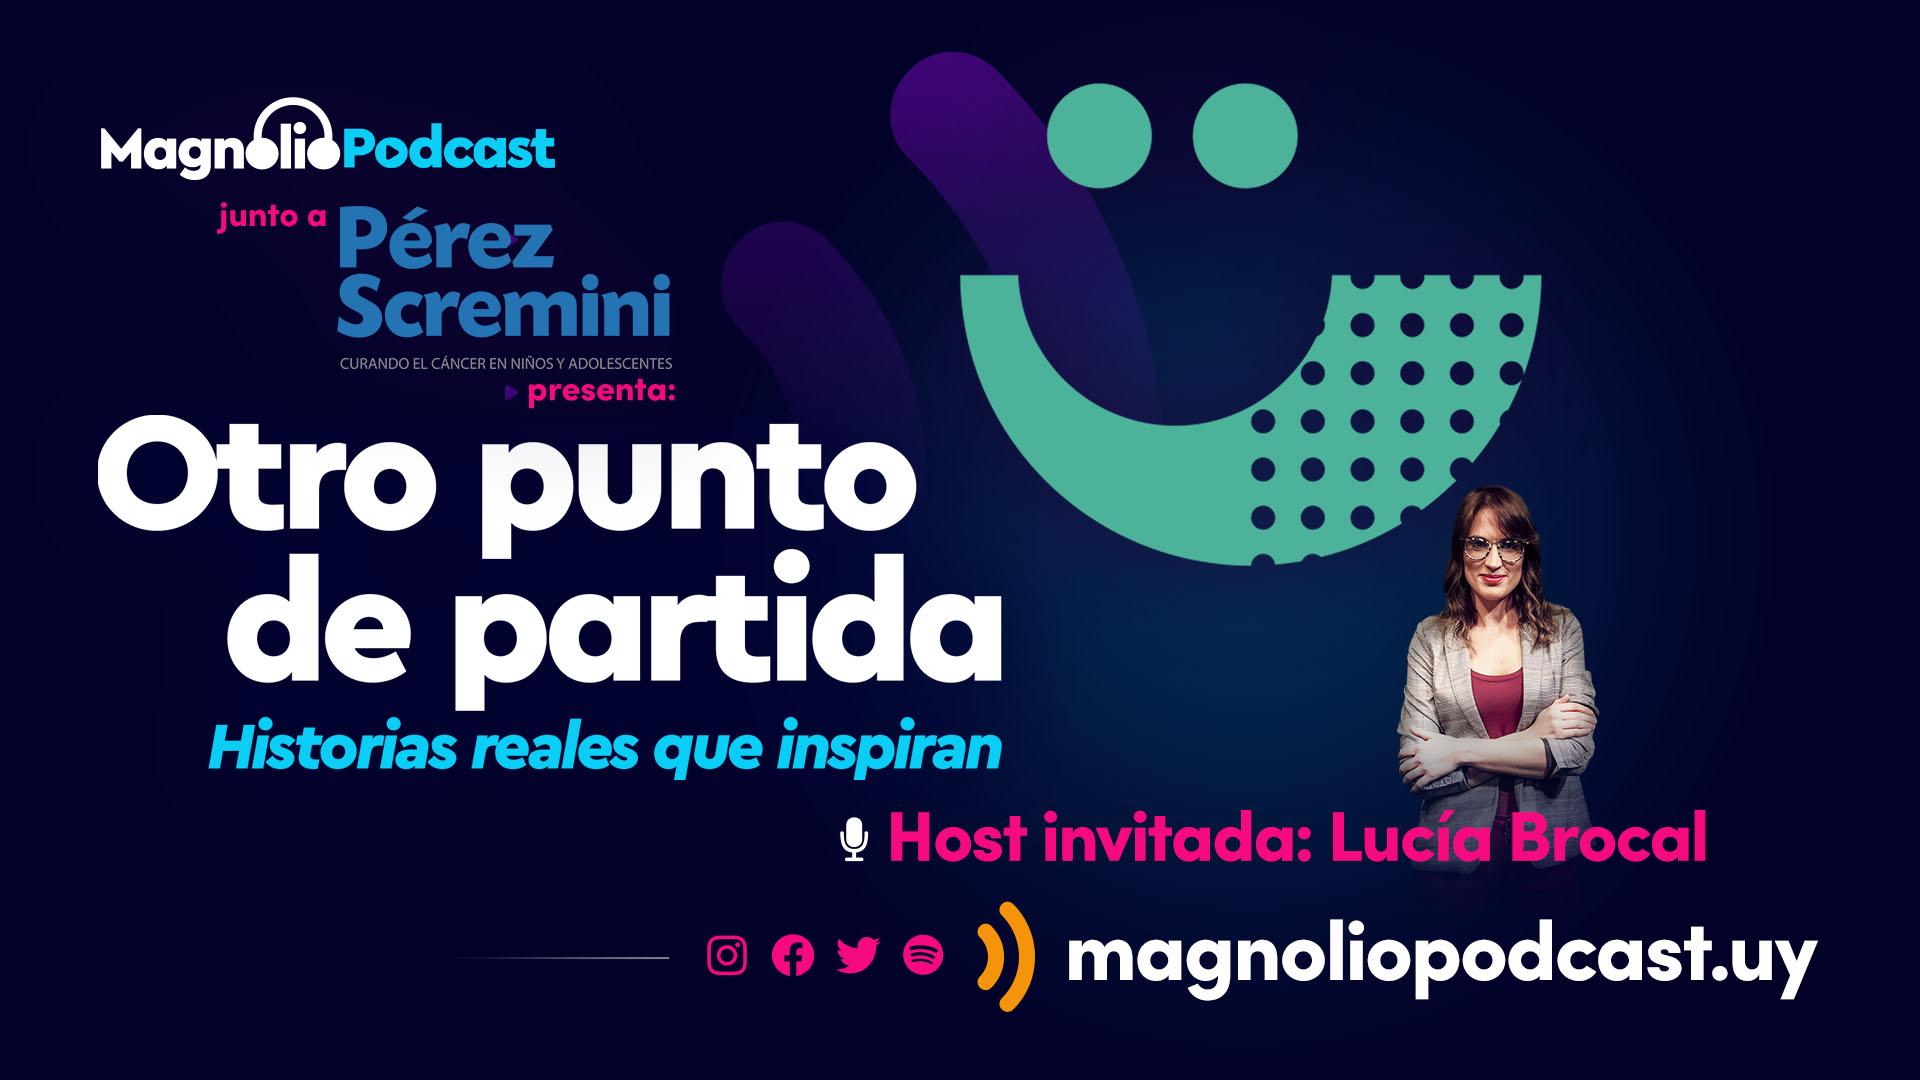 Camila Yaguno: una enfermedad transformada en vocación